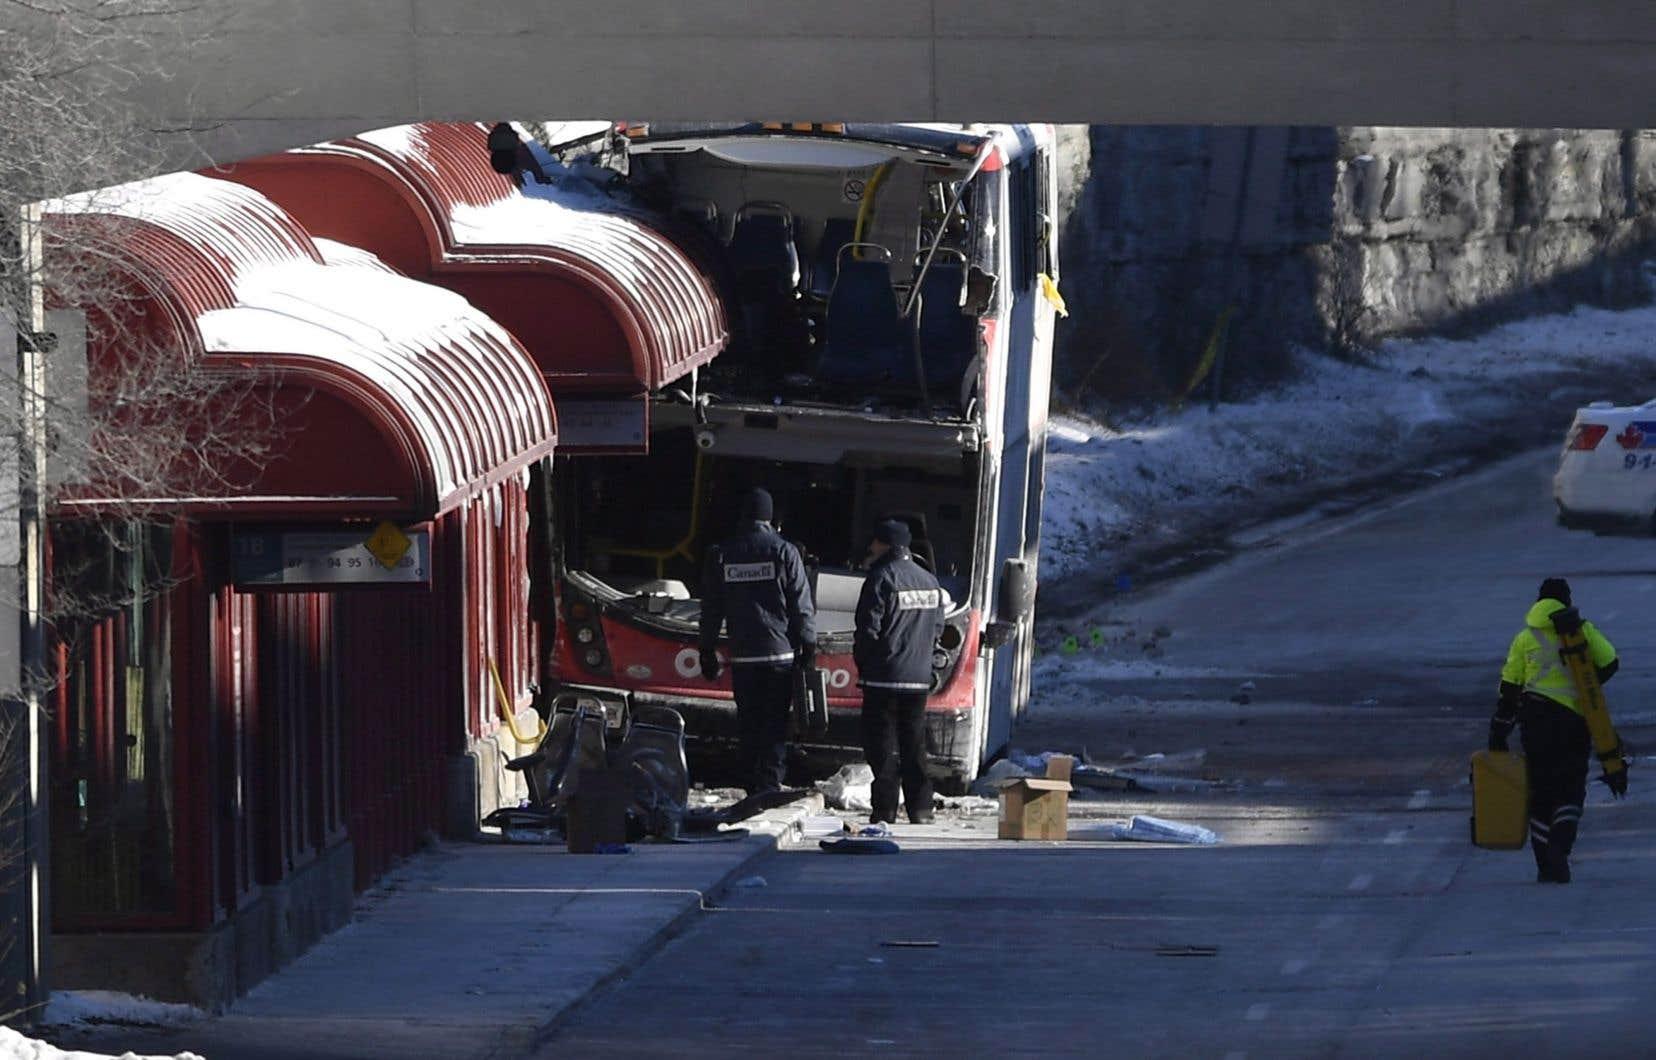 L'enquête policière se concentre pour l'instant sur la rencontre des témoins oculaires et la fouille des débris de l'autobus.